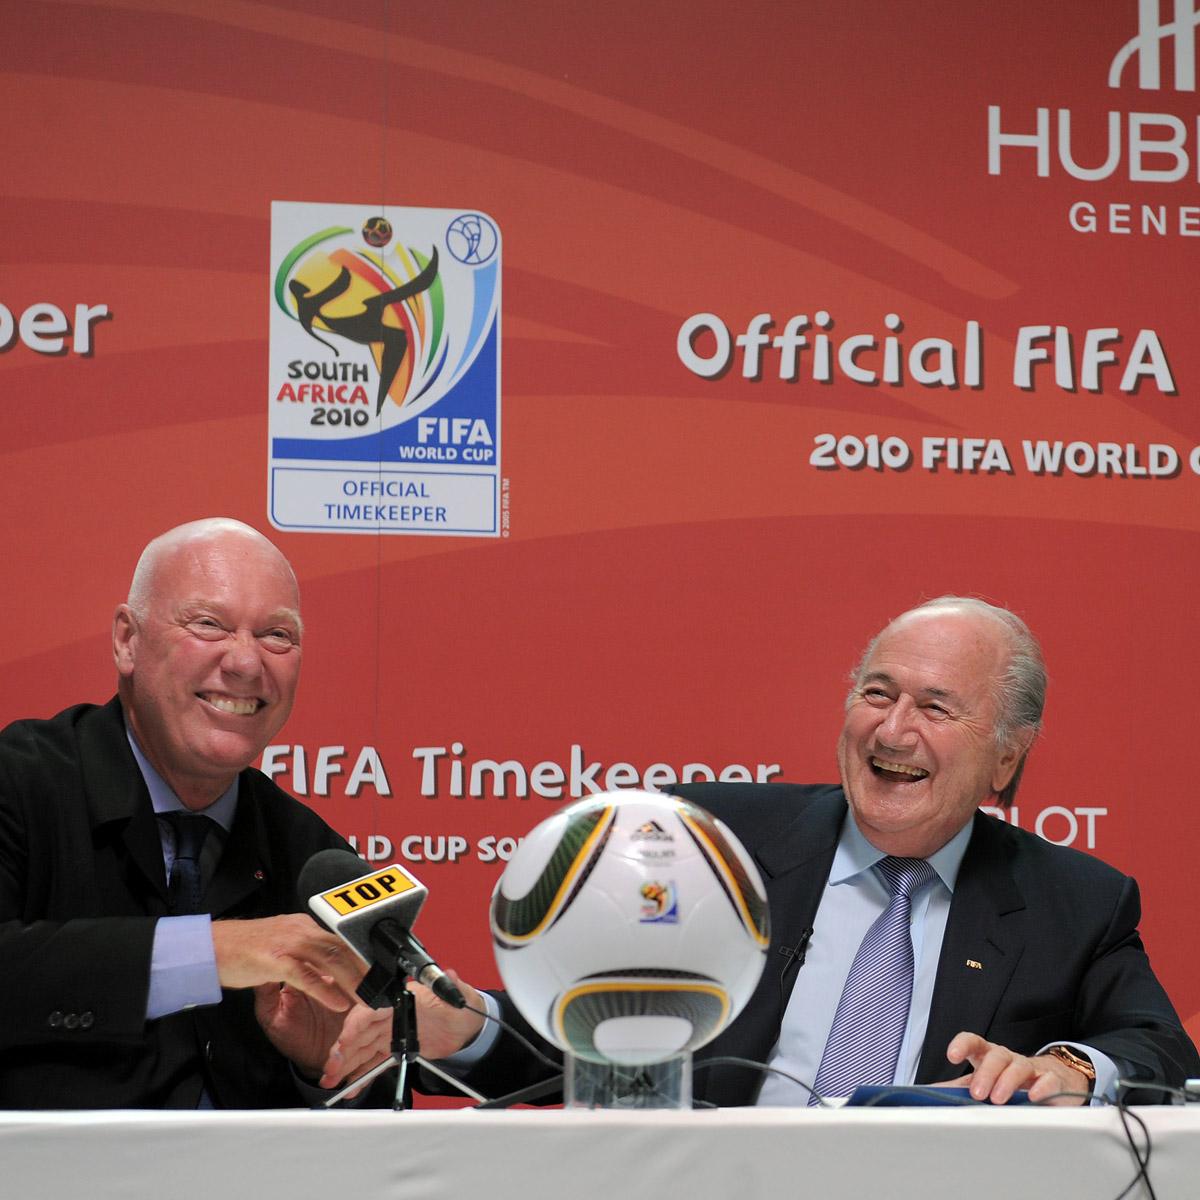 La Cote des Montres : Photo - Hublot devient la Montre Officielle de la FIFA